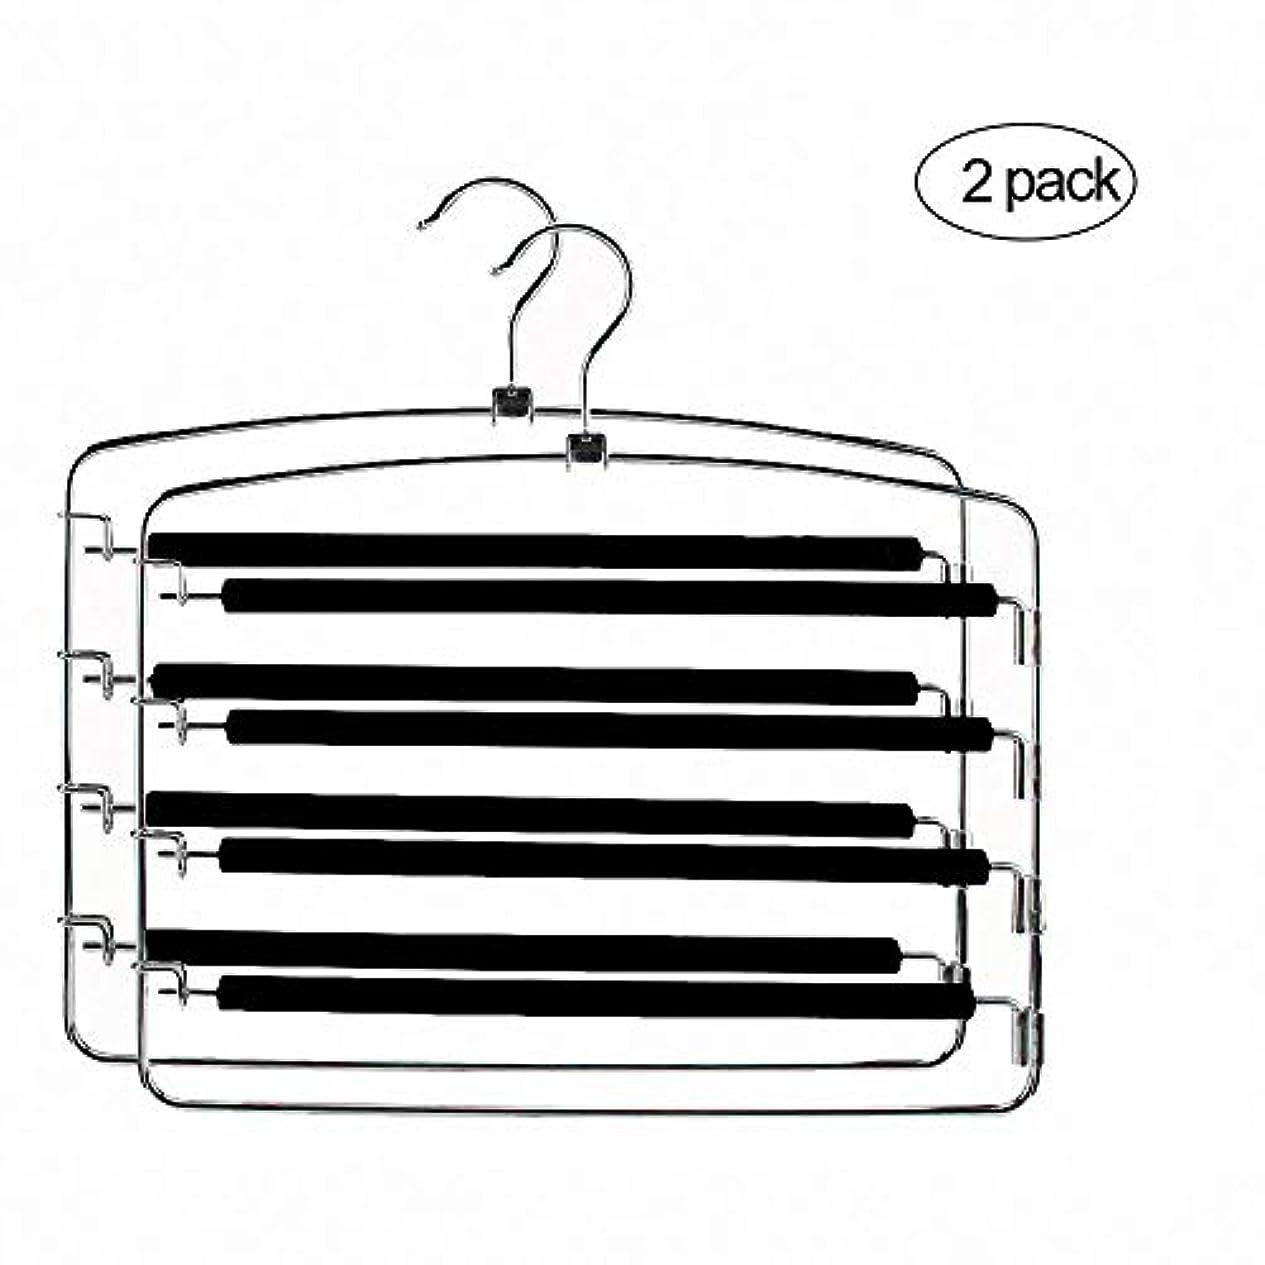 抱擁サロン伝統ズボンハンガー 2本セット ステンレス鋼ハンガー 滑り止め スラックスハンガー すべらない スラックスハンガー4段 シルバー(黒 2本)